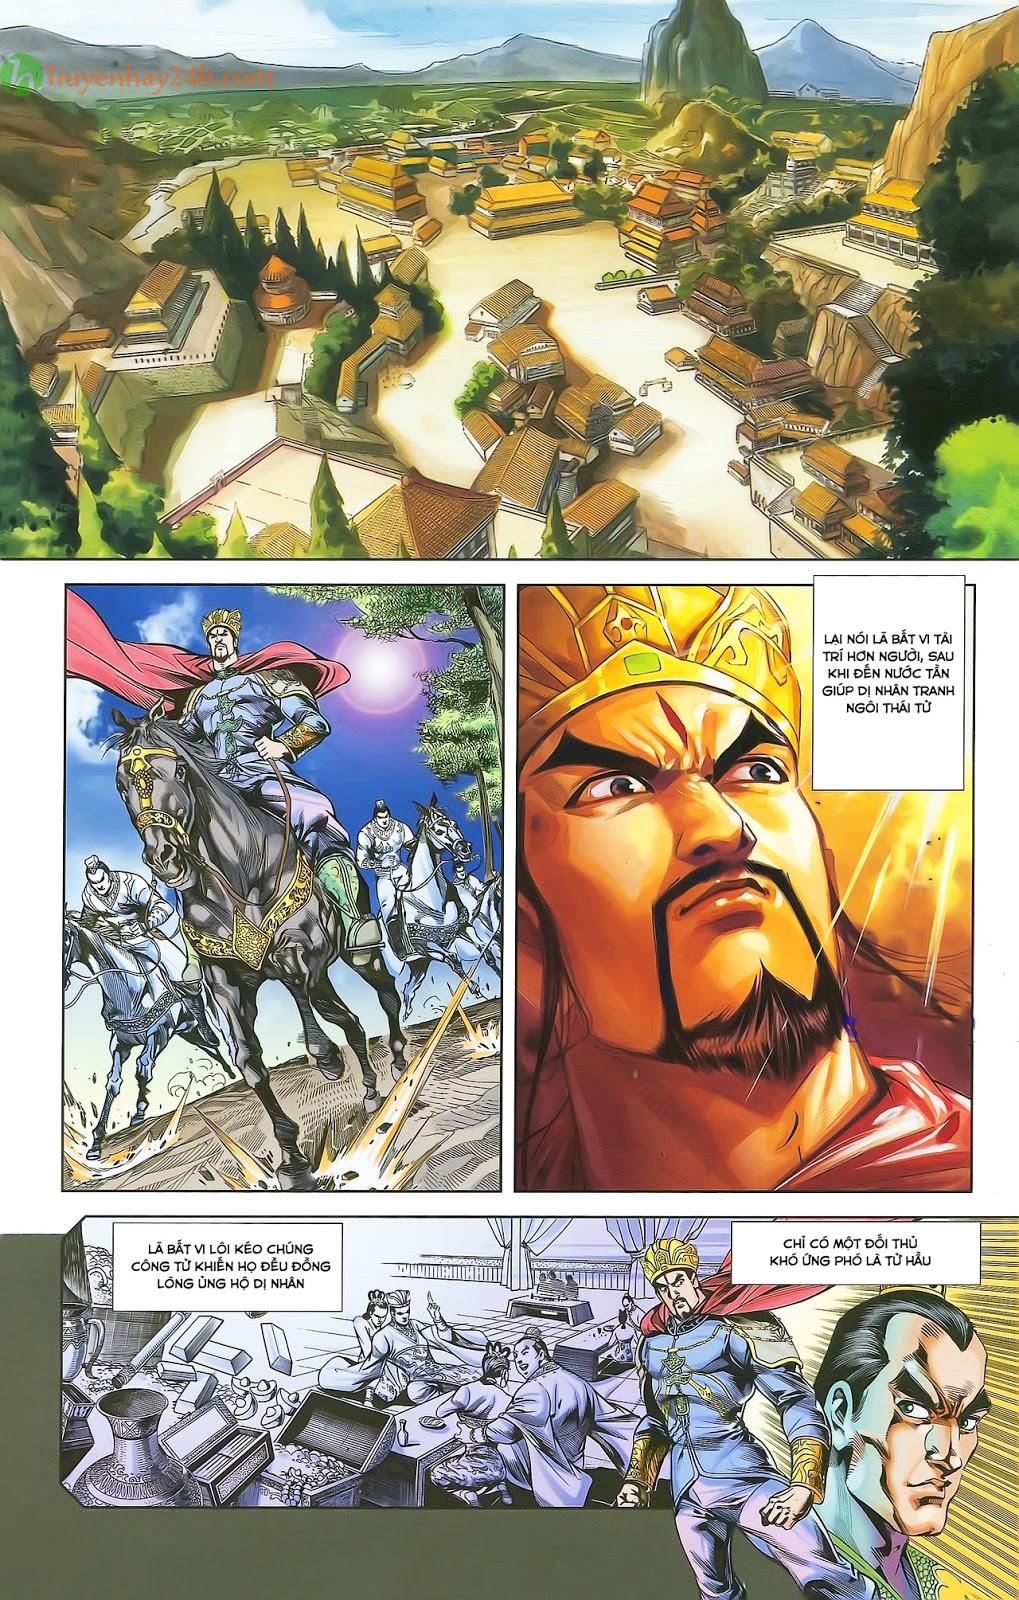 Tần Vương Doanh Chính chapter 28 trang 21